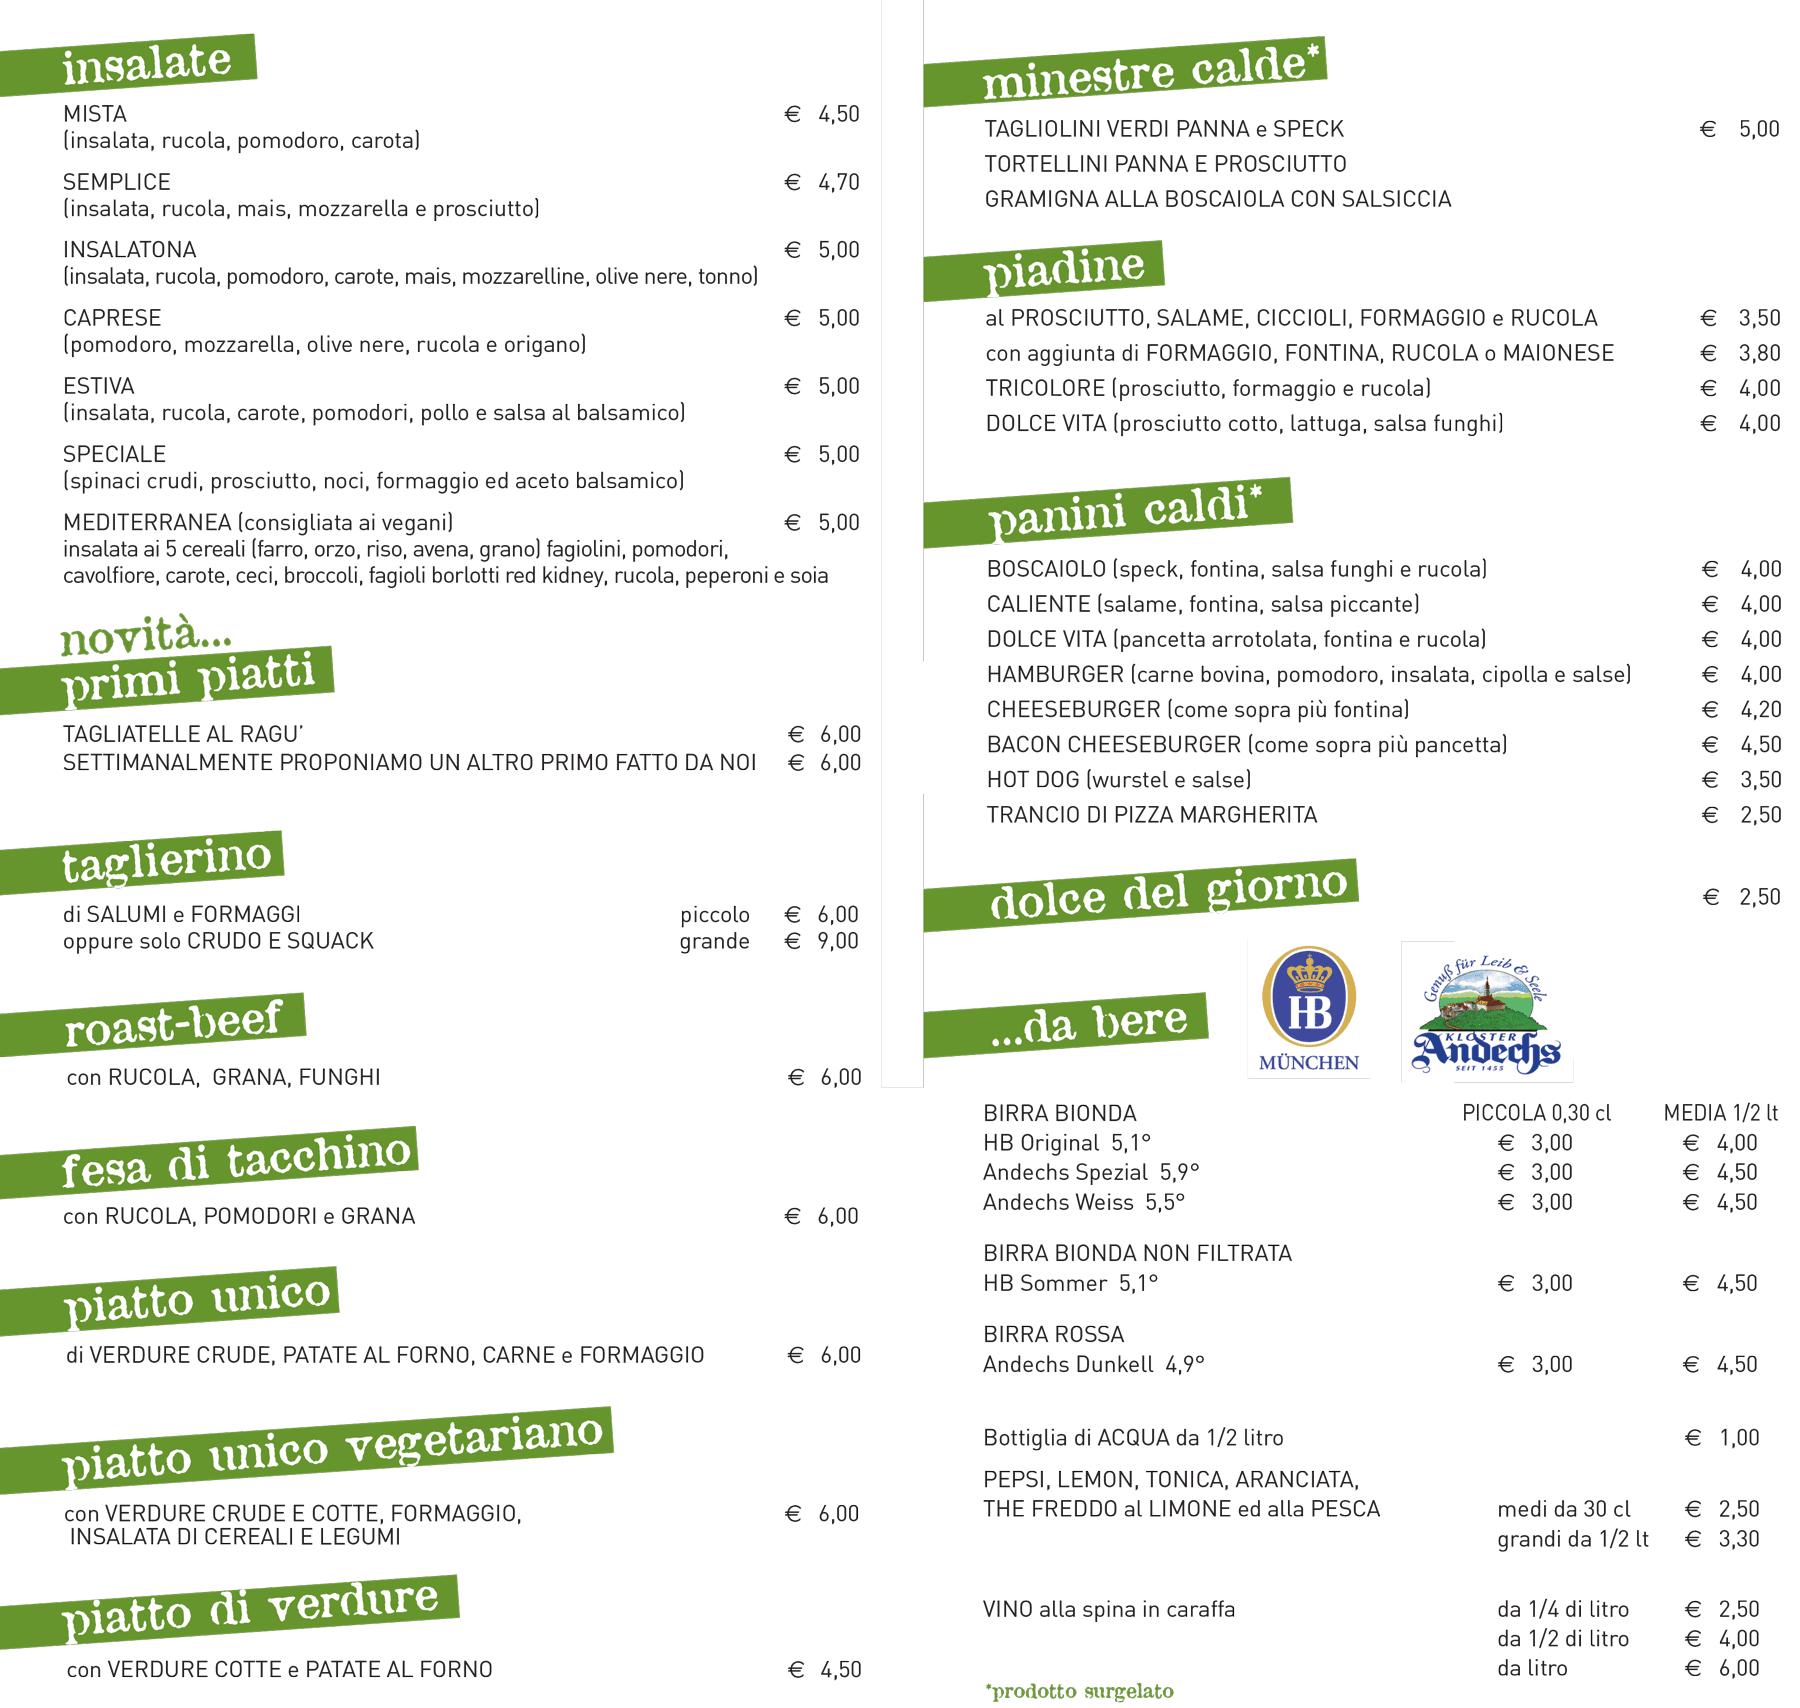 Dolce-Vita-menu-2016PERSITO